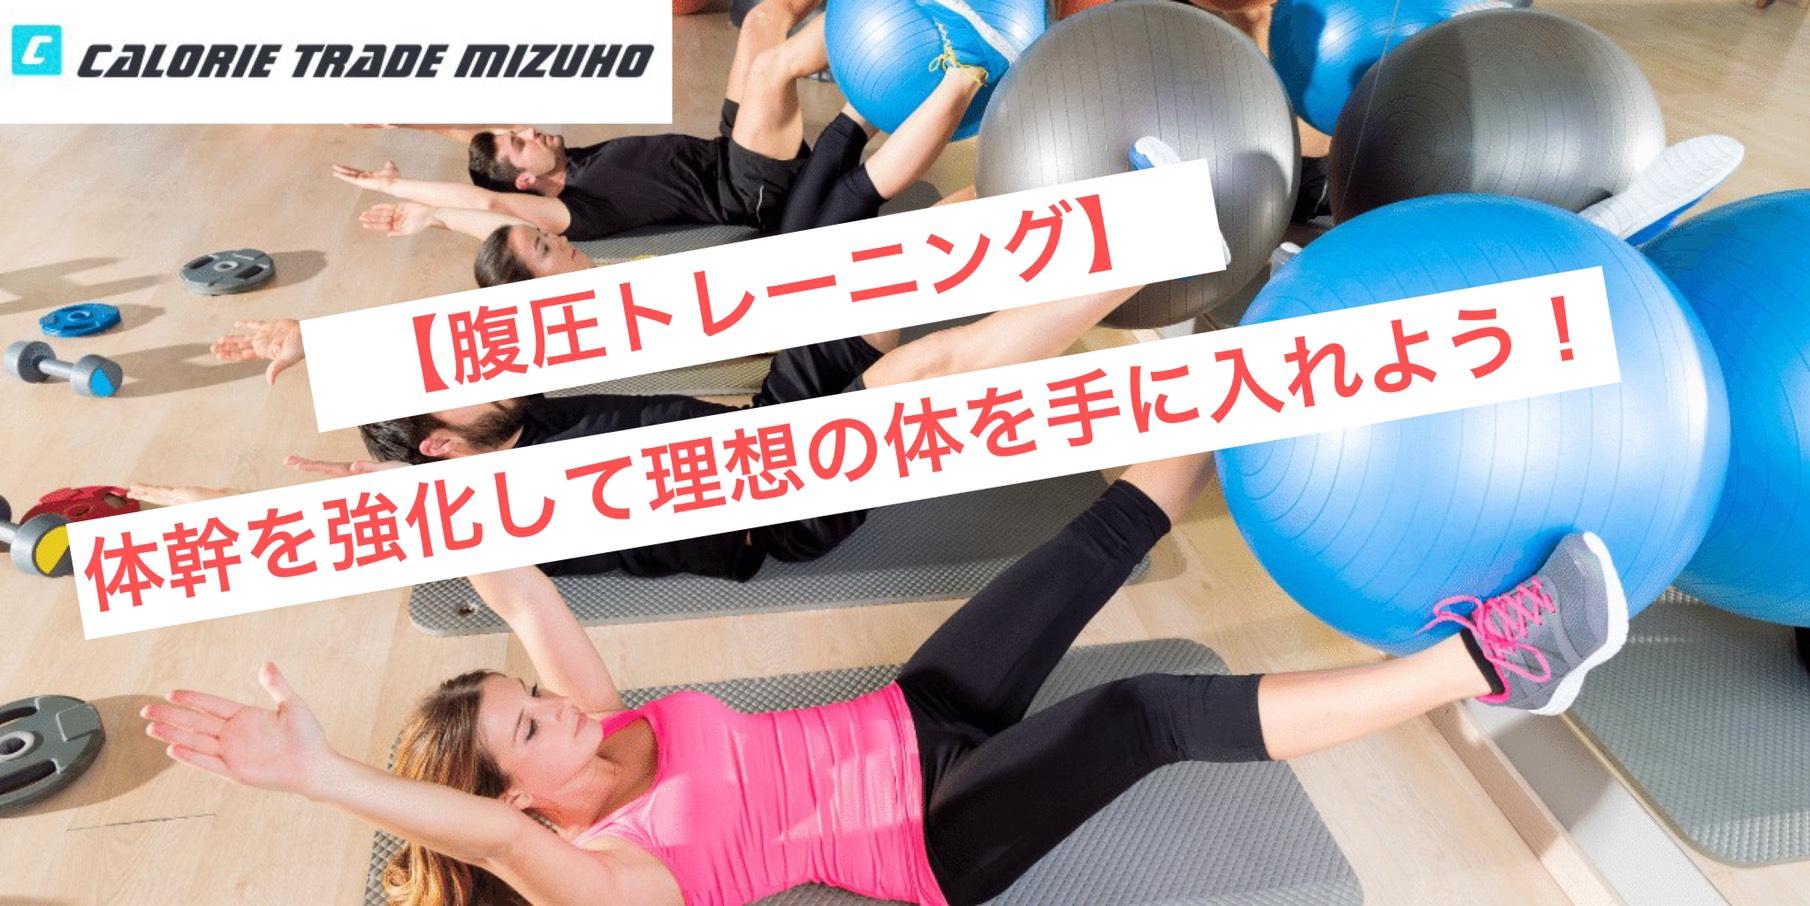 【腹圧トレーニング】体幹を強化して理想の体を手に入れよう!